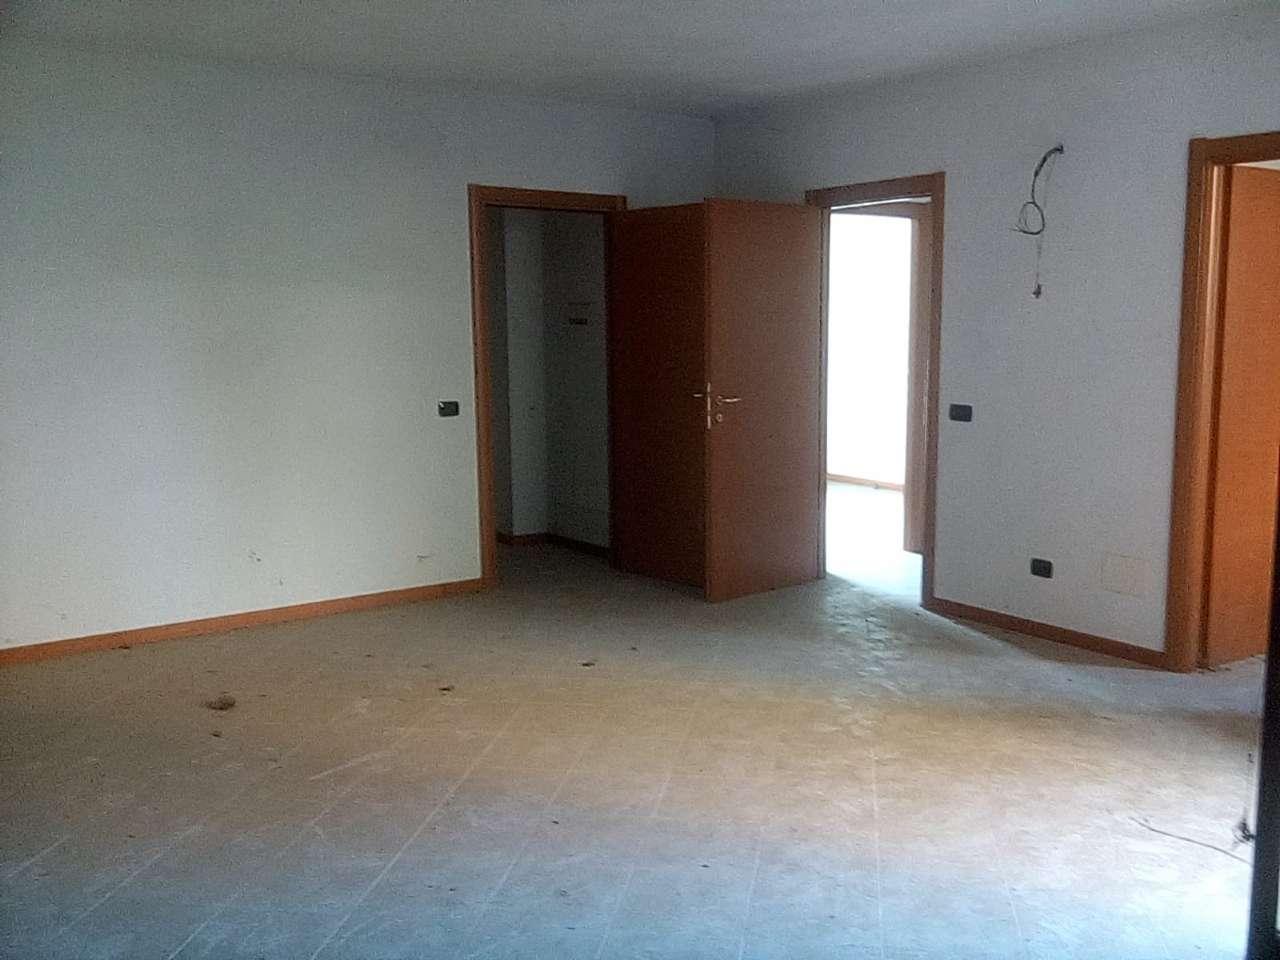 Appartamento in vendita a Certosa di Pavia, 2 locali, prezzo € 124.600 | PortaleAgenzieImmobiliari.it